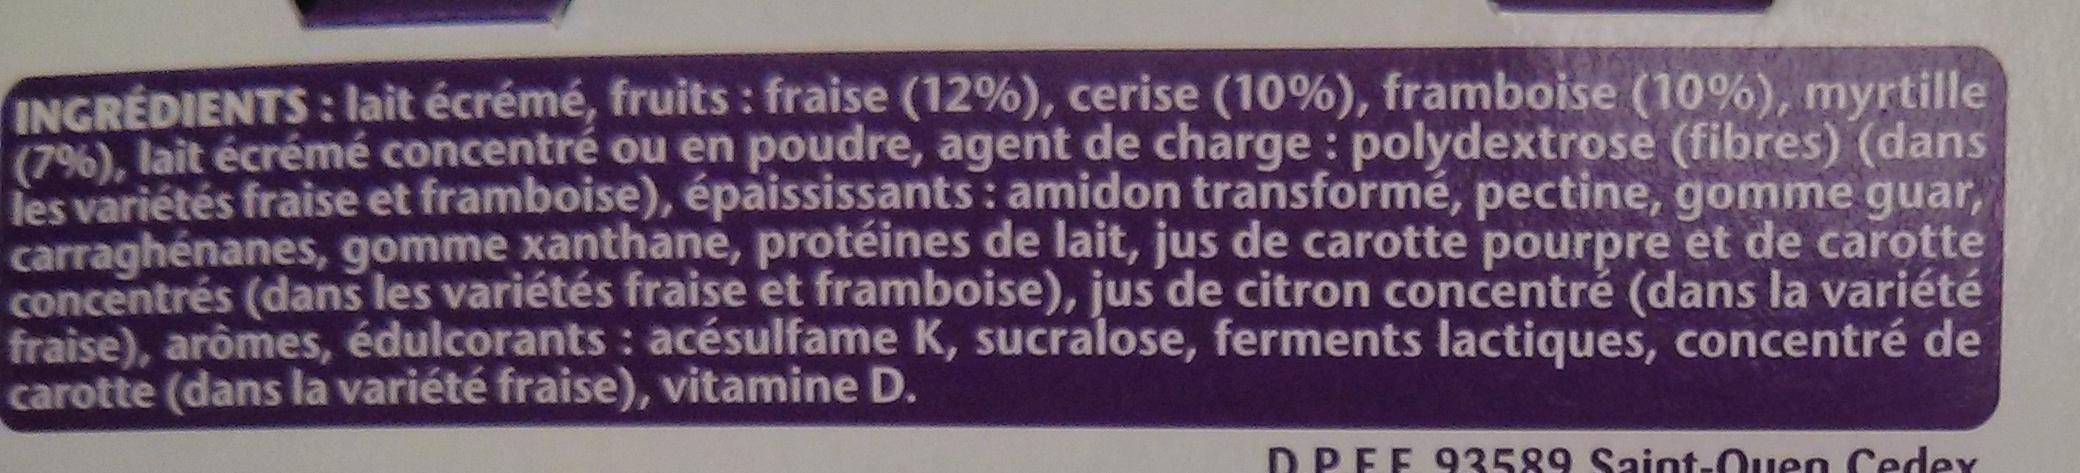 Taillefine (0 % MG) Fruits rouges panachés 8 Pots - Ingredients